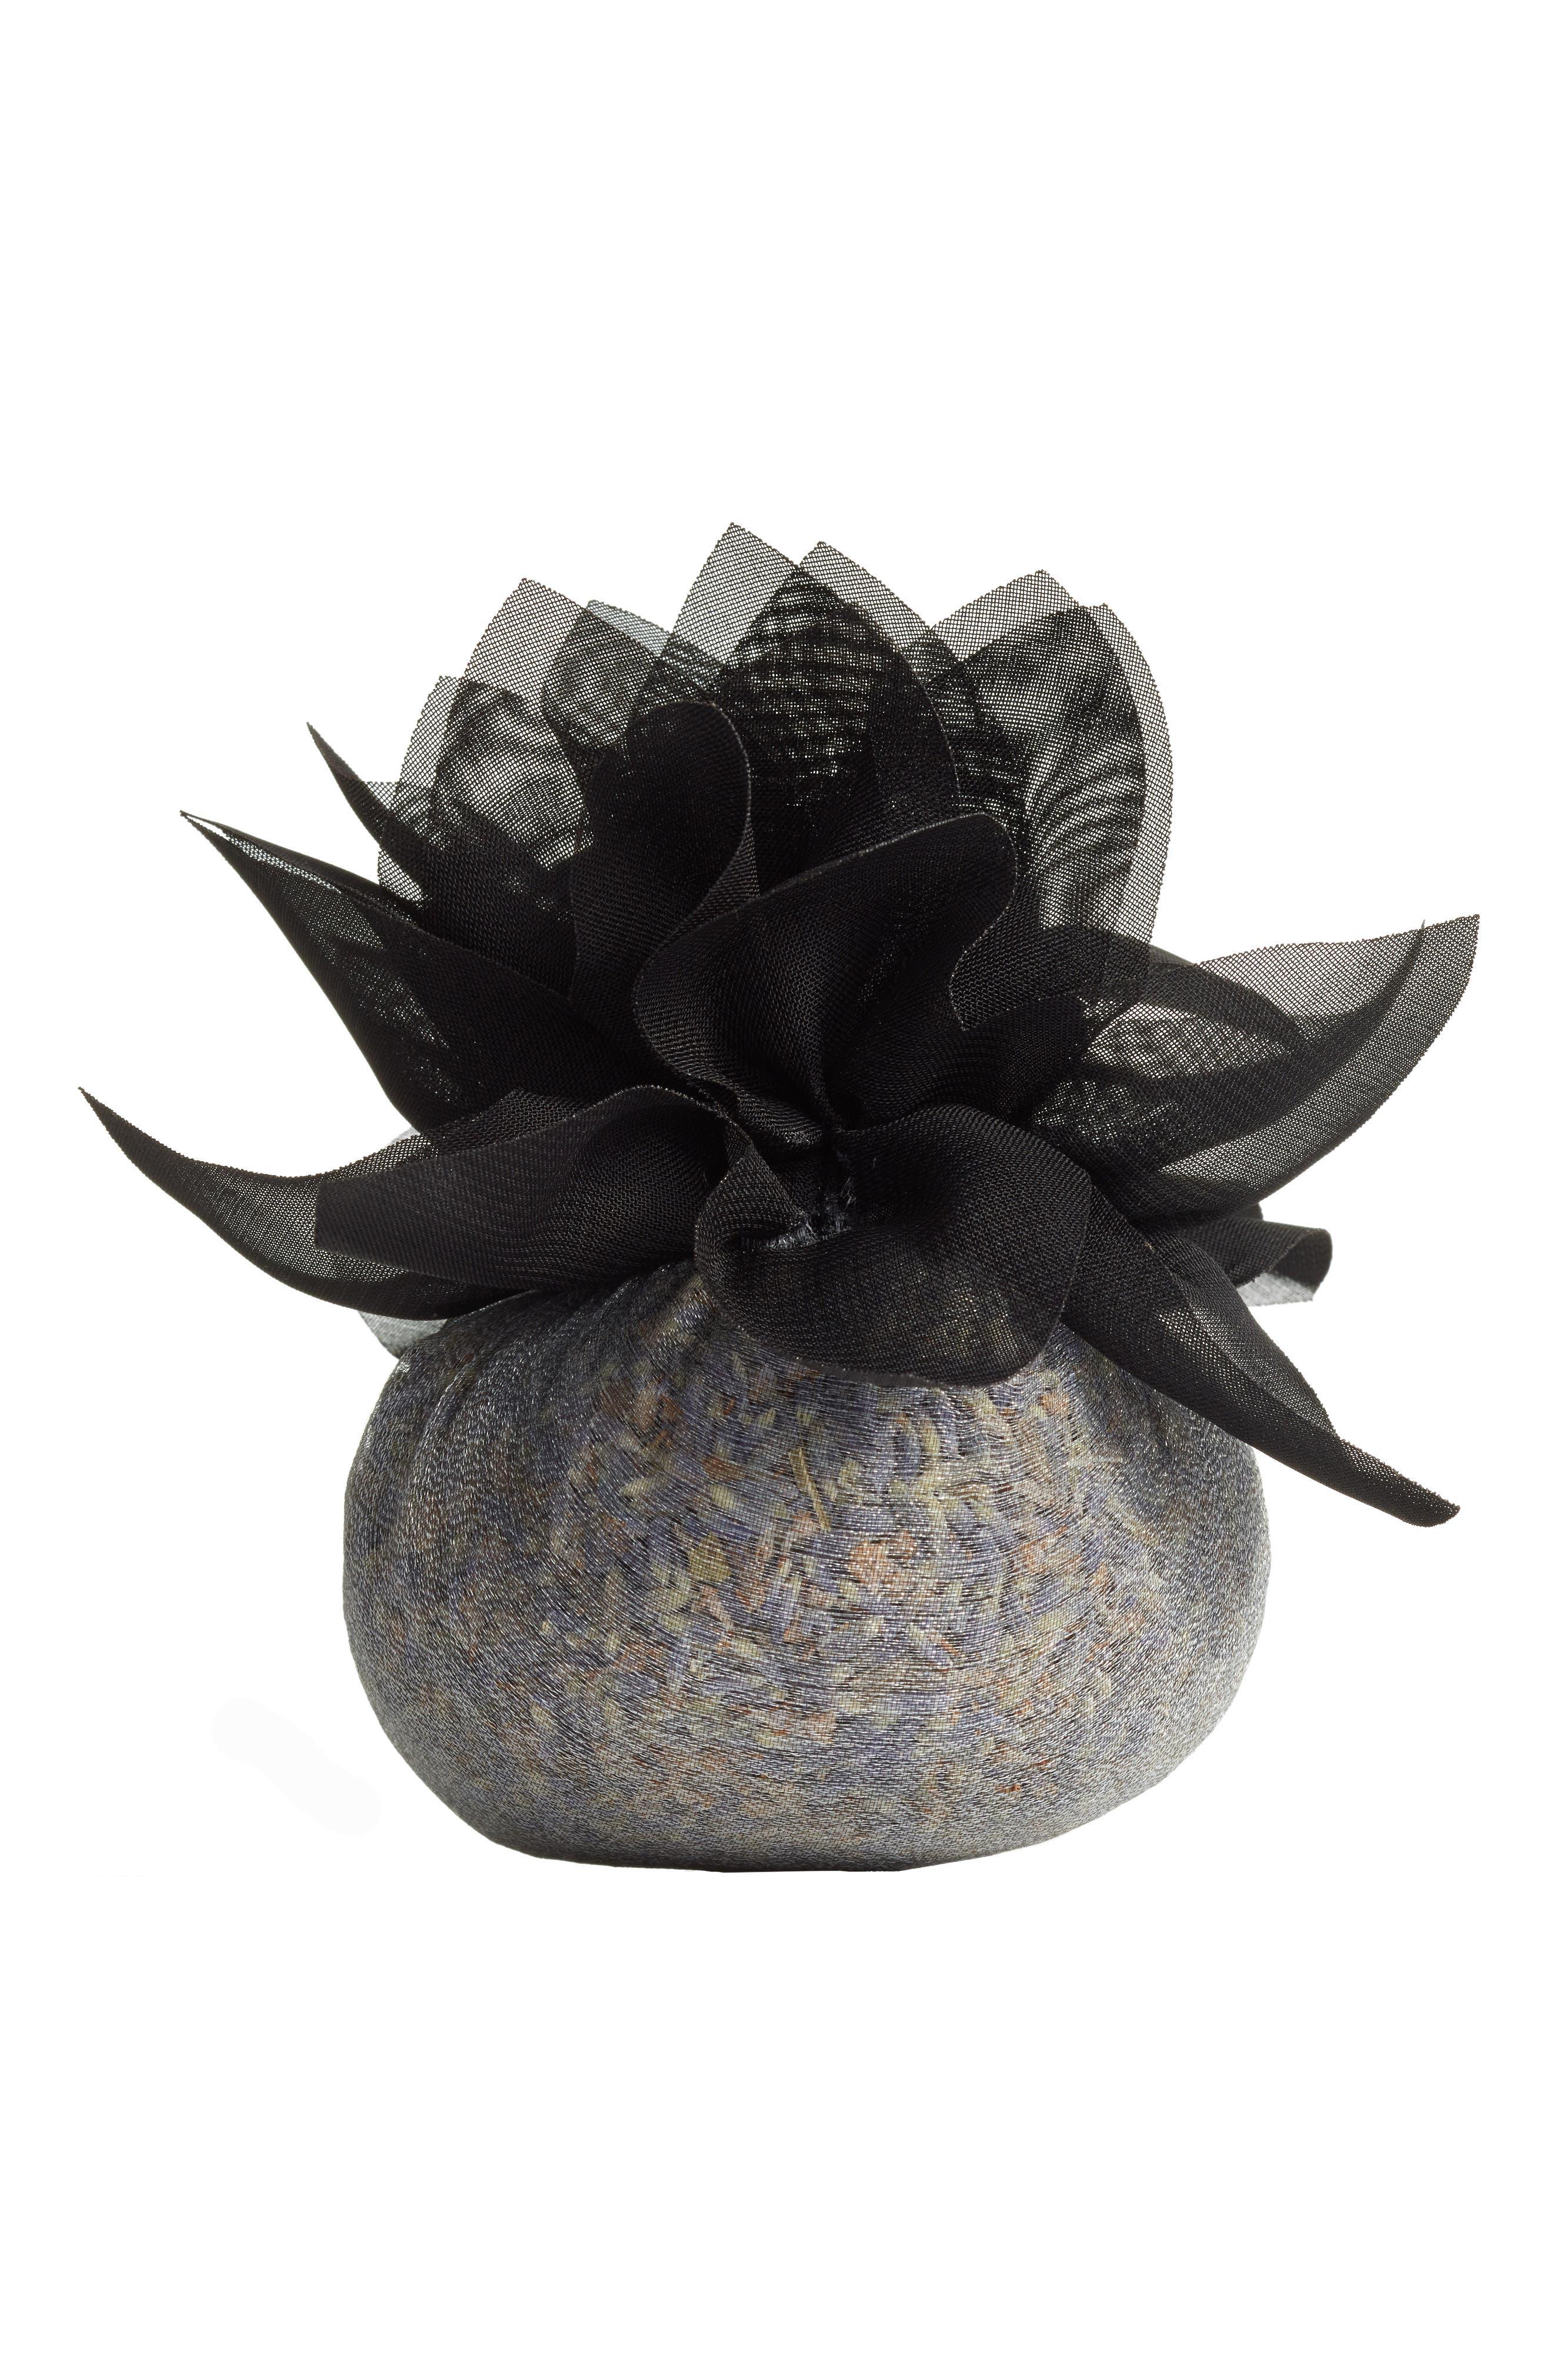 Sonoma Lavender Black Flower Sachet